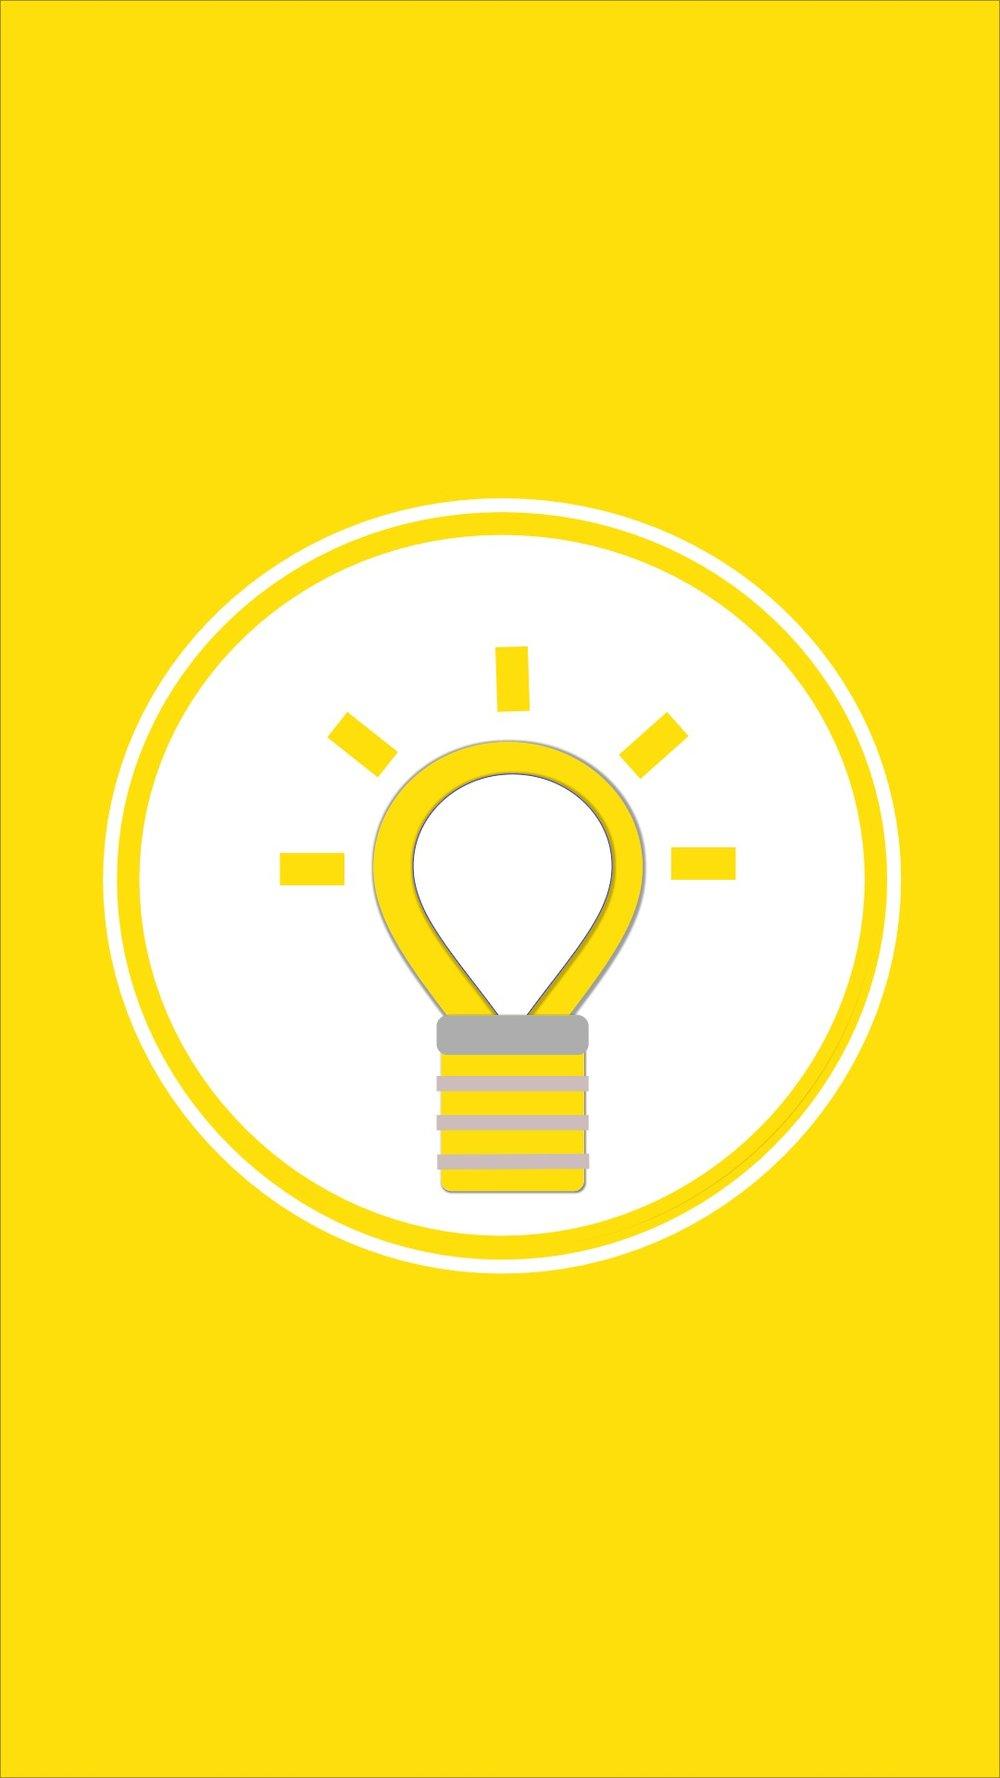 Instagram-cover-lightbulb-yellow-lotnotes.jpg.jpg